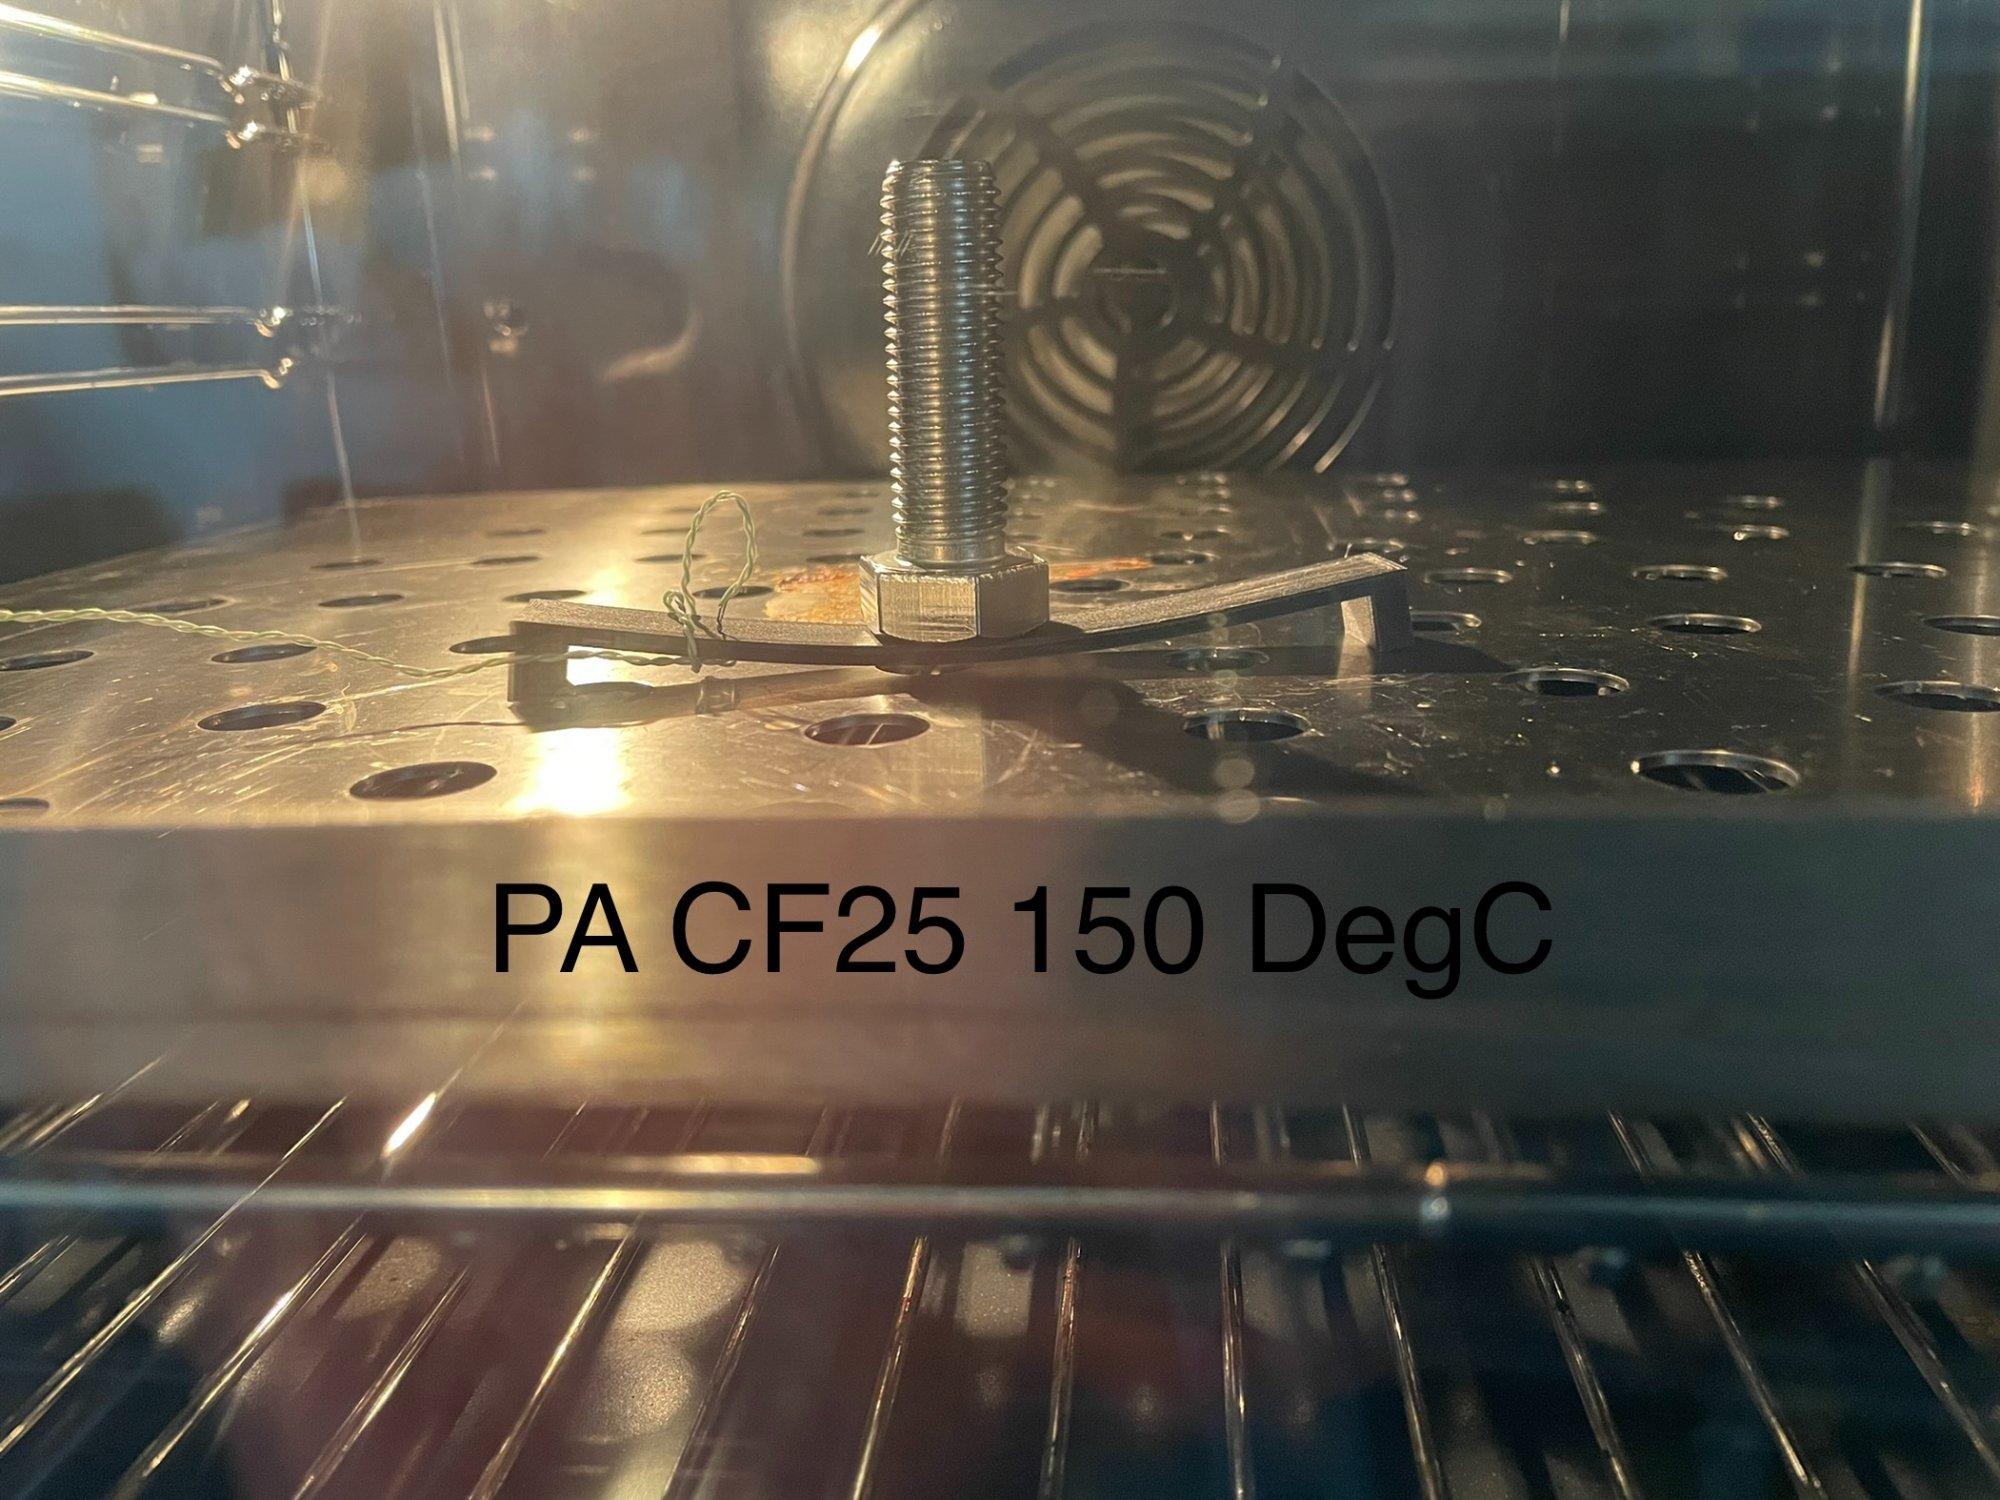 0FB66F44-CF44-4680-A8D4-6E7007A99EDA.jpeg